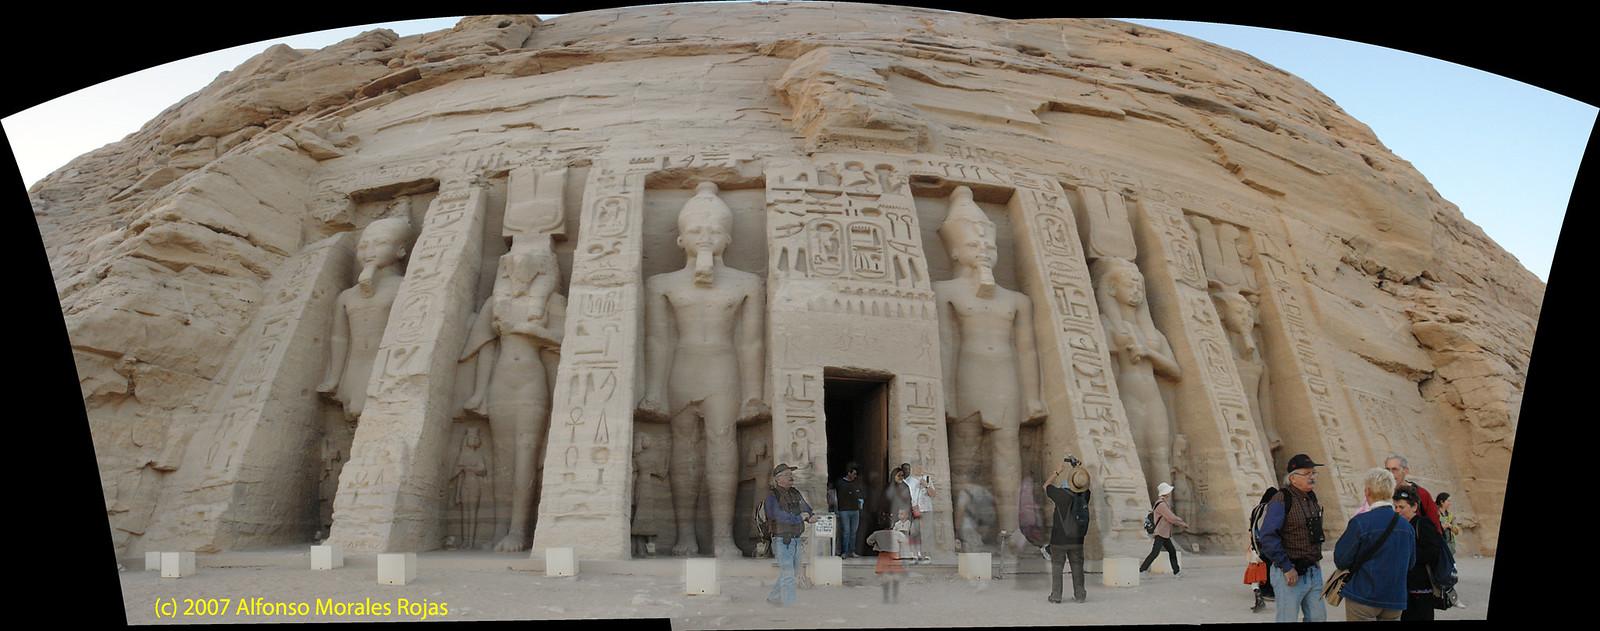 Excavado en la roca y dedicado a Hathor, diosa del amor y la belleza, así como a su esposa favorita, Nefertari. Abu Simbel, el templo de las dos vidas - 6990451111 6b19800d9d h - Abu Simbel, el templo de las dos vidas